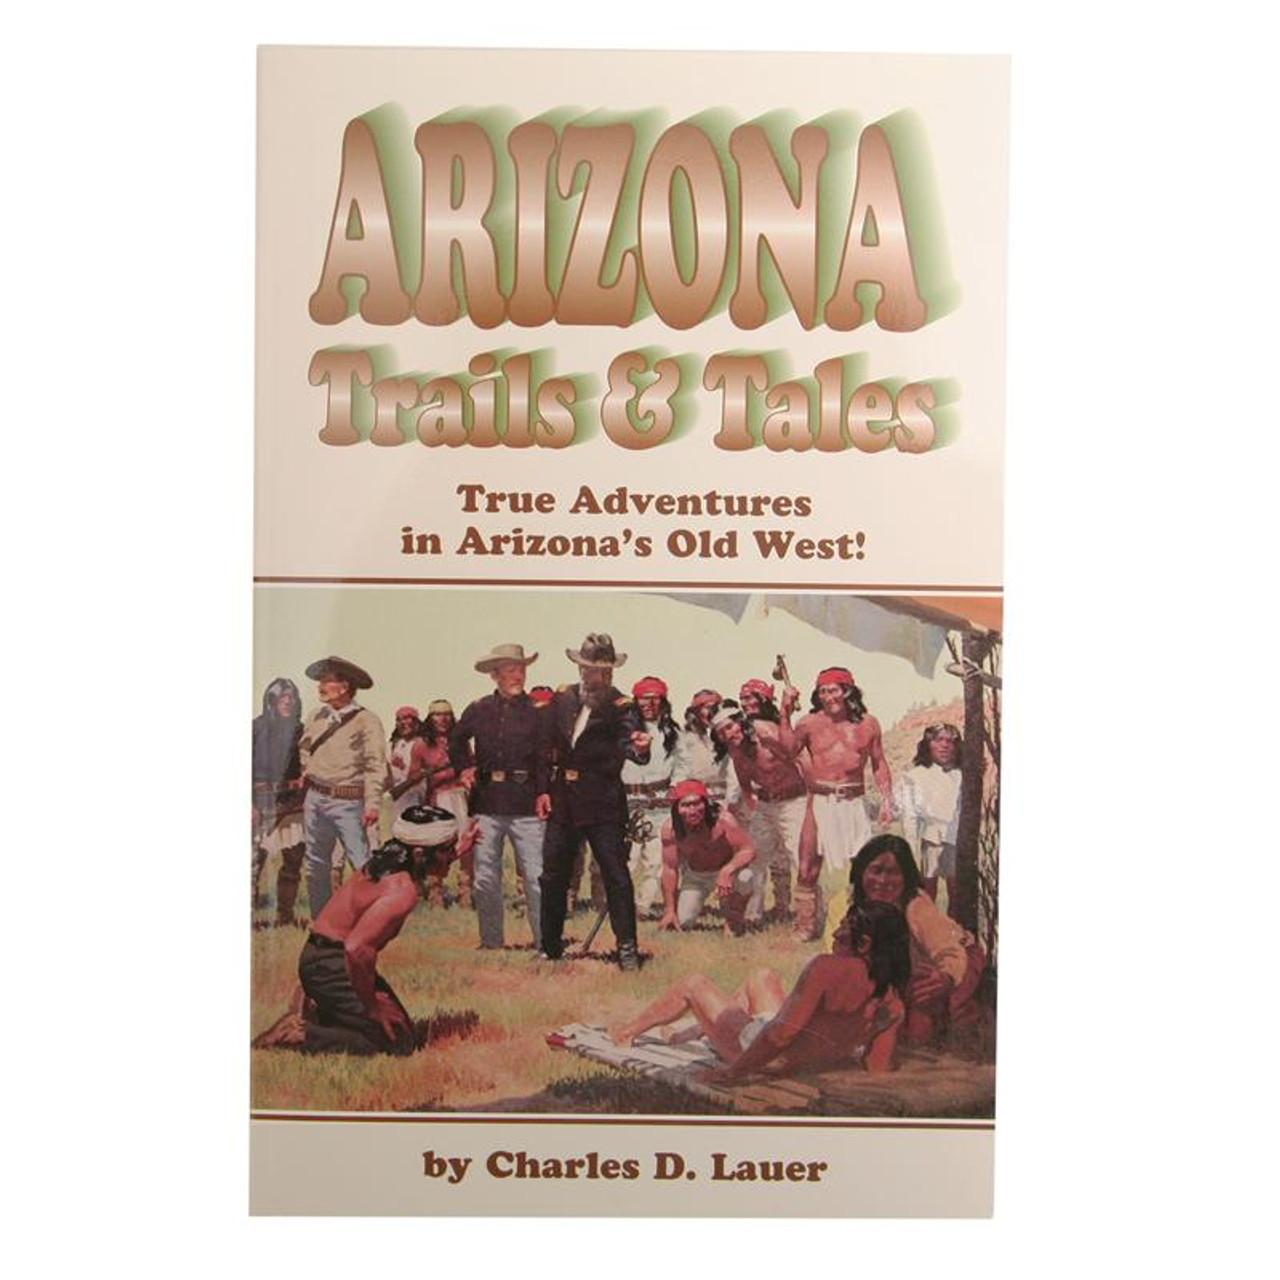 Arizona Trails and Tales